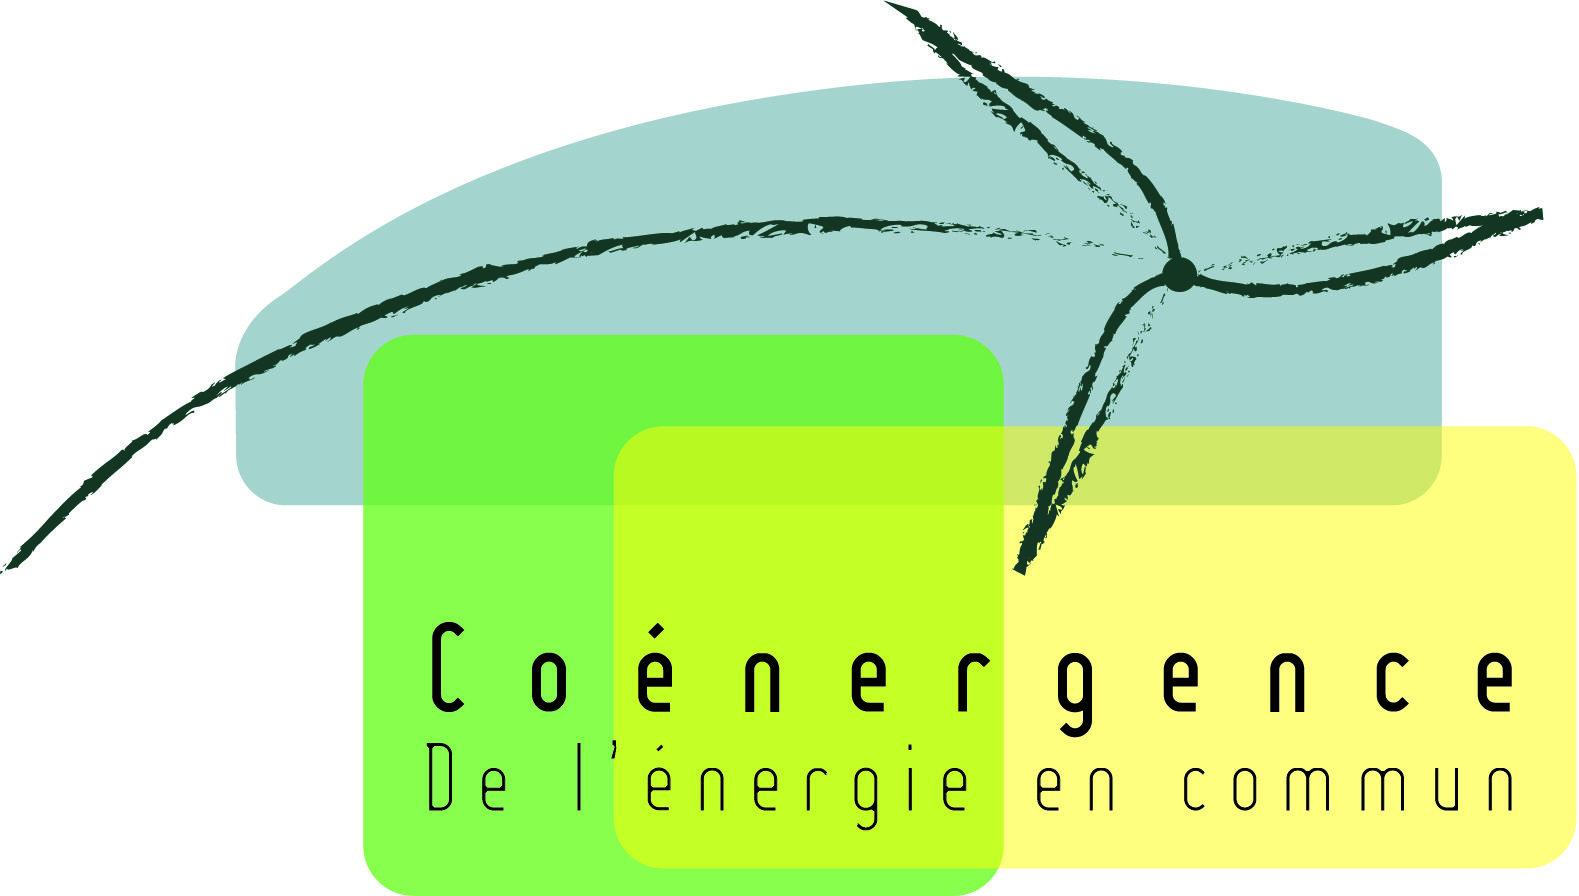 Coénergence